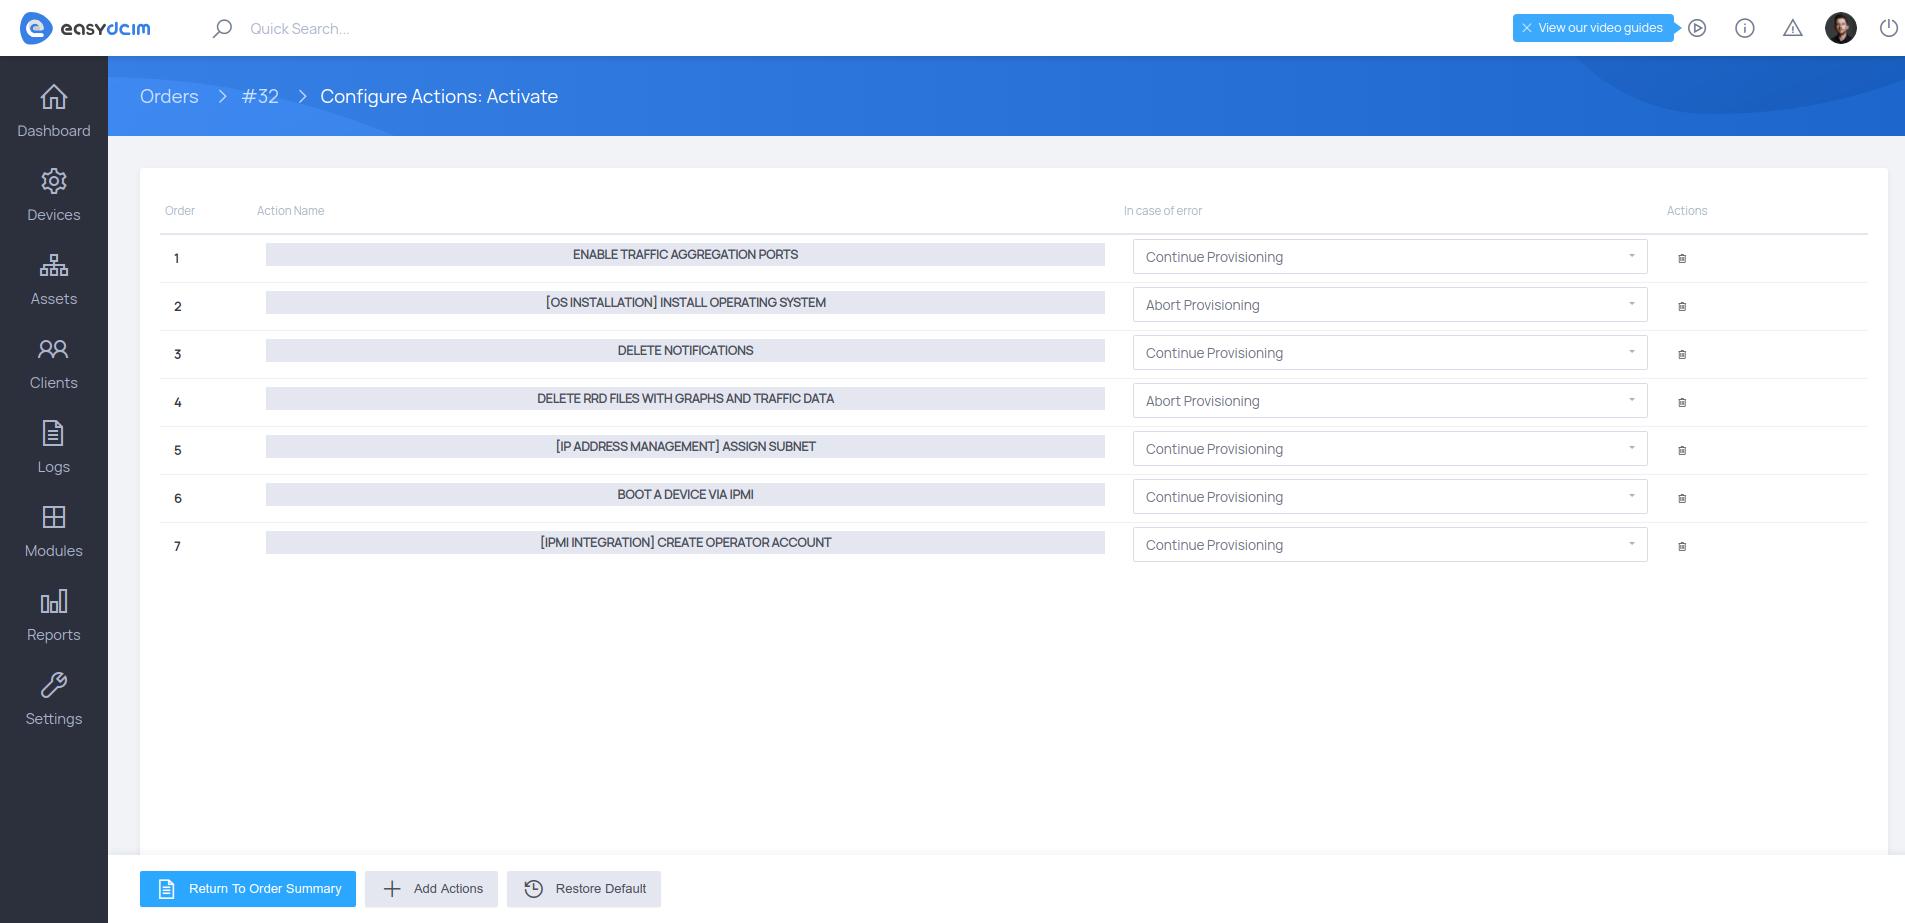 Order Provisioning Actions - EasyDCIM v1.6.3